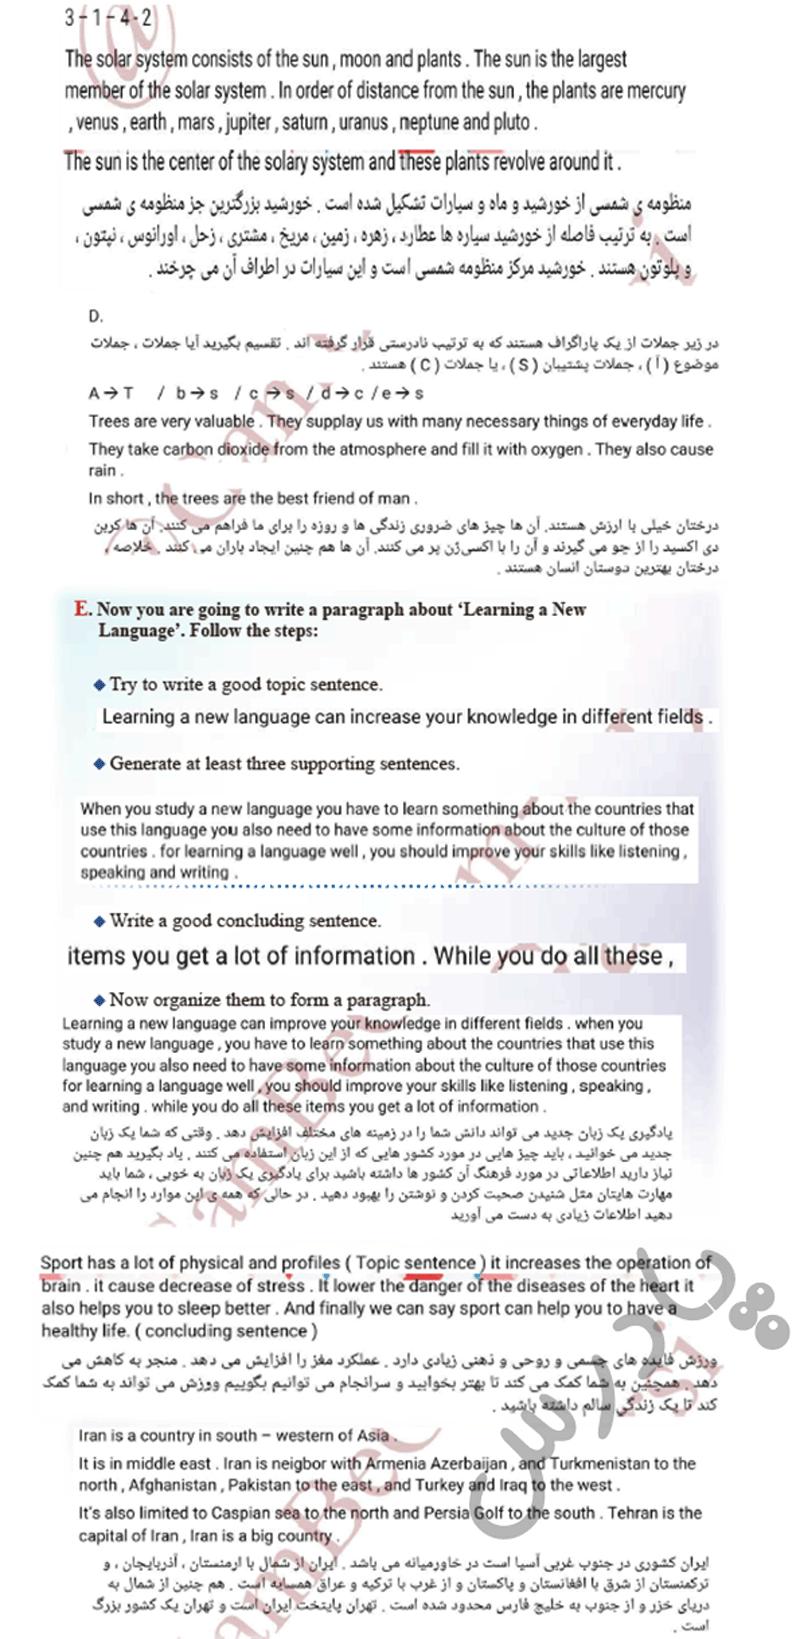 ادامه حل تمرینات رایتینگ درس3 زبان دوازدهم